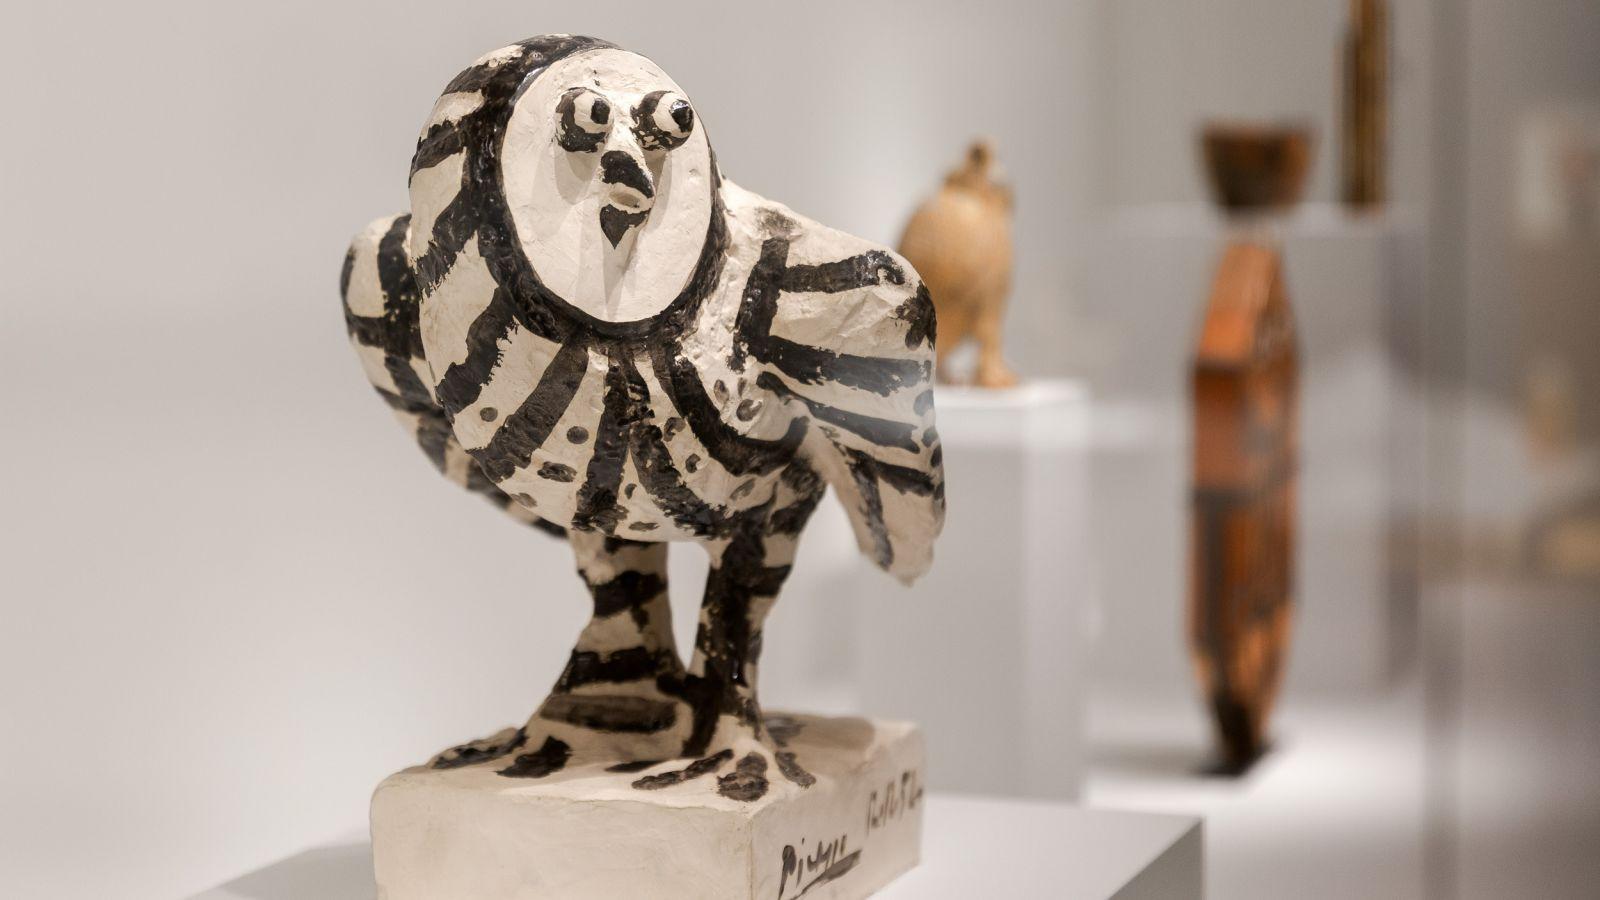 Μουσείο Κυκλαδικής Τέχνης Πικάσο και Αρχαιότητα: Ψηφίστε τη μοναδική ελληνική υποψηφιότητα για τα Global Fine Art Awards